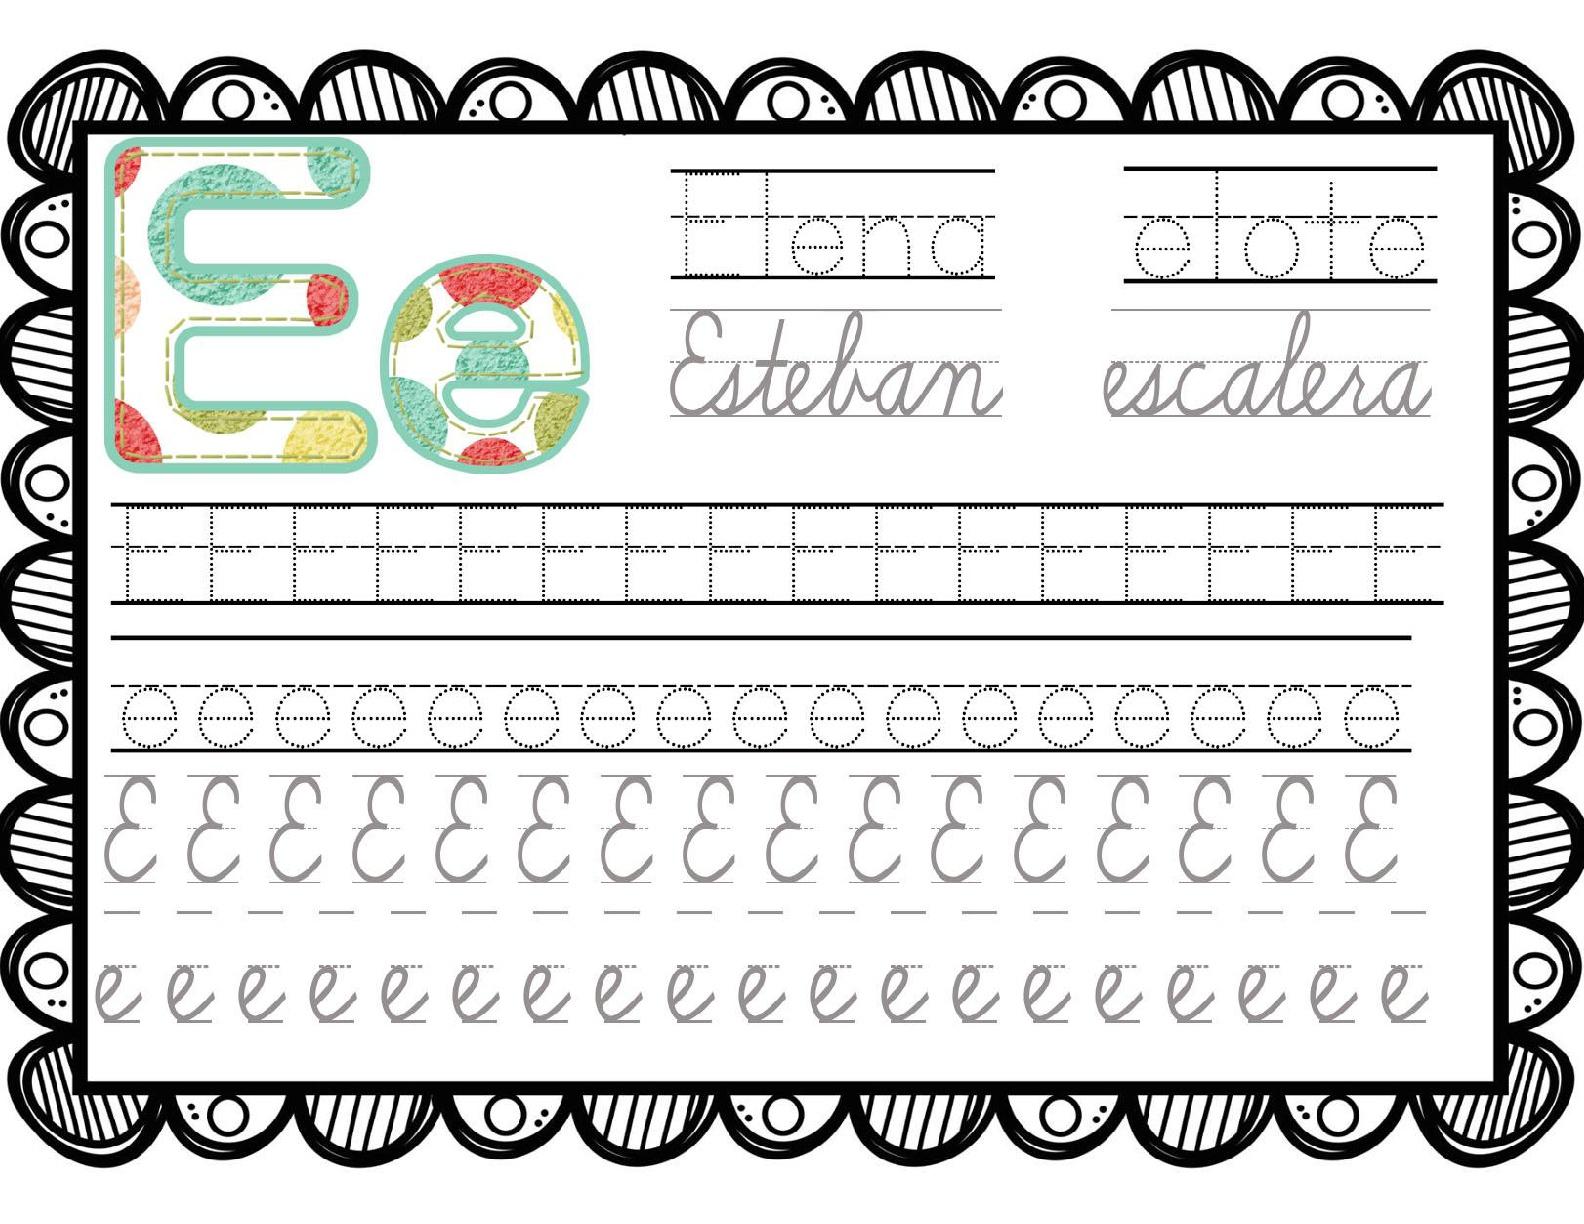 librito-practico-para-el-comienzo-de-la-escritura-en-infantil-o-preescolar-10